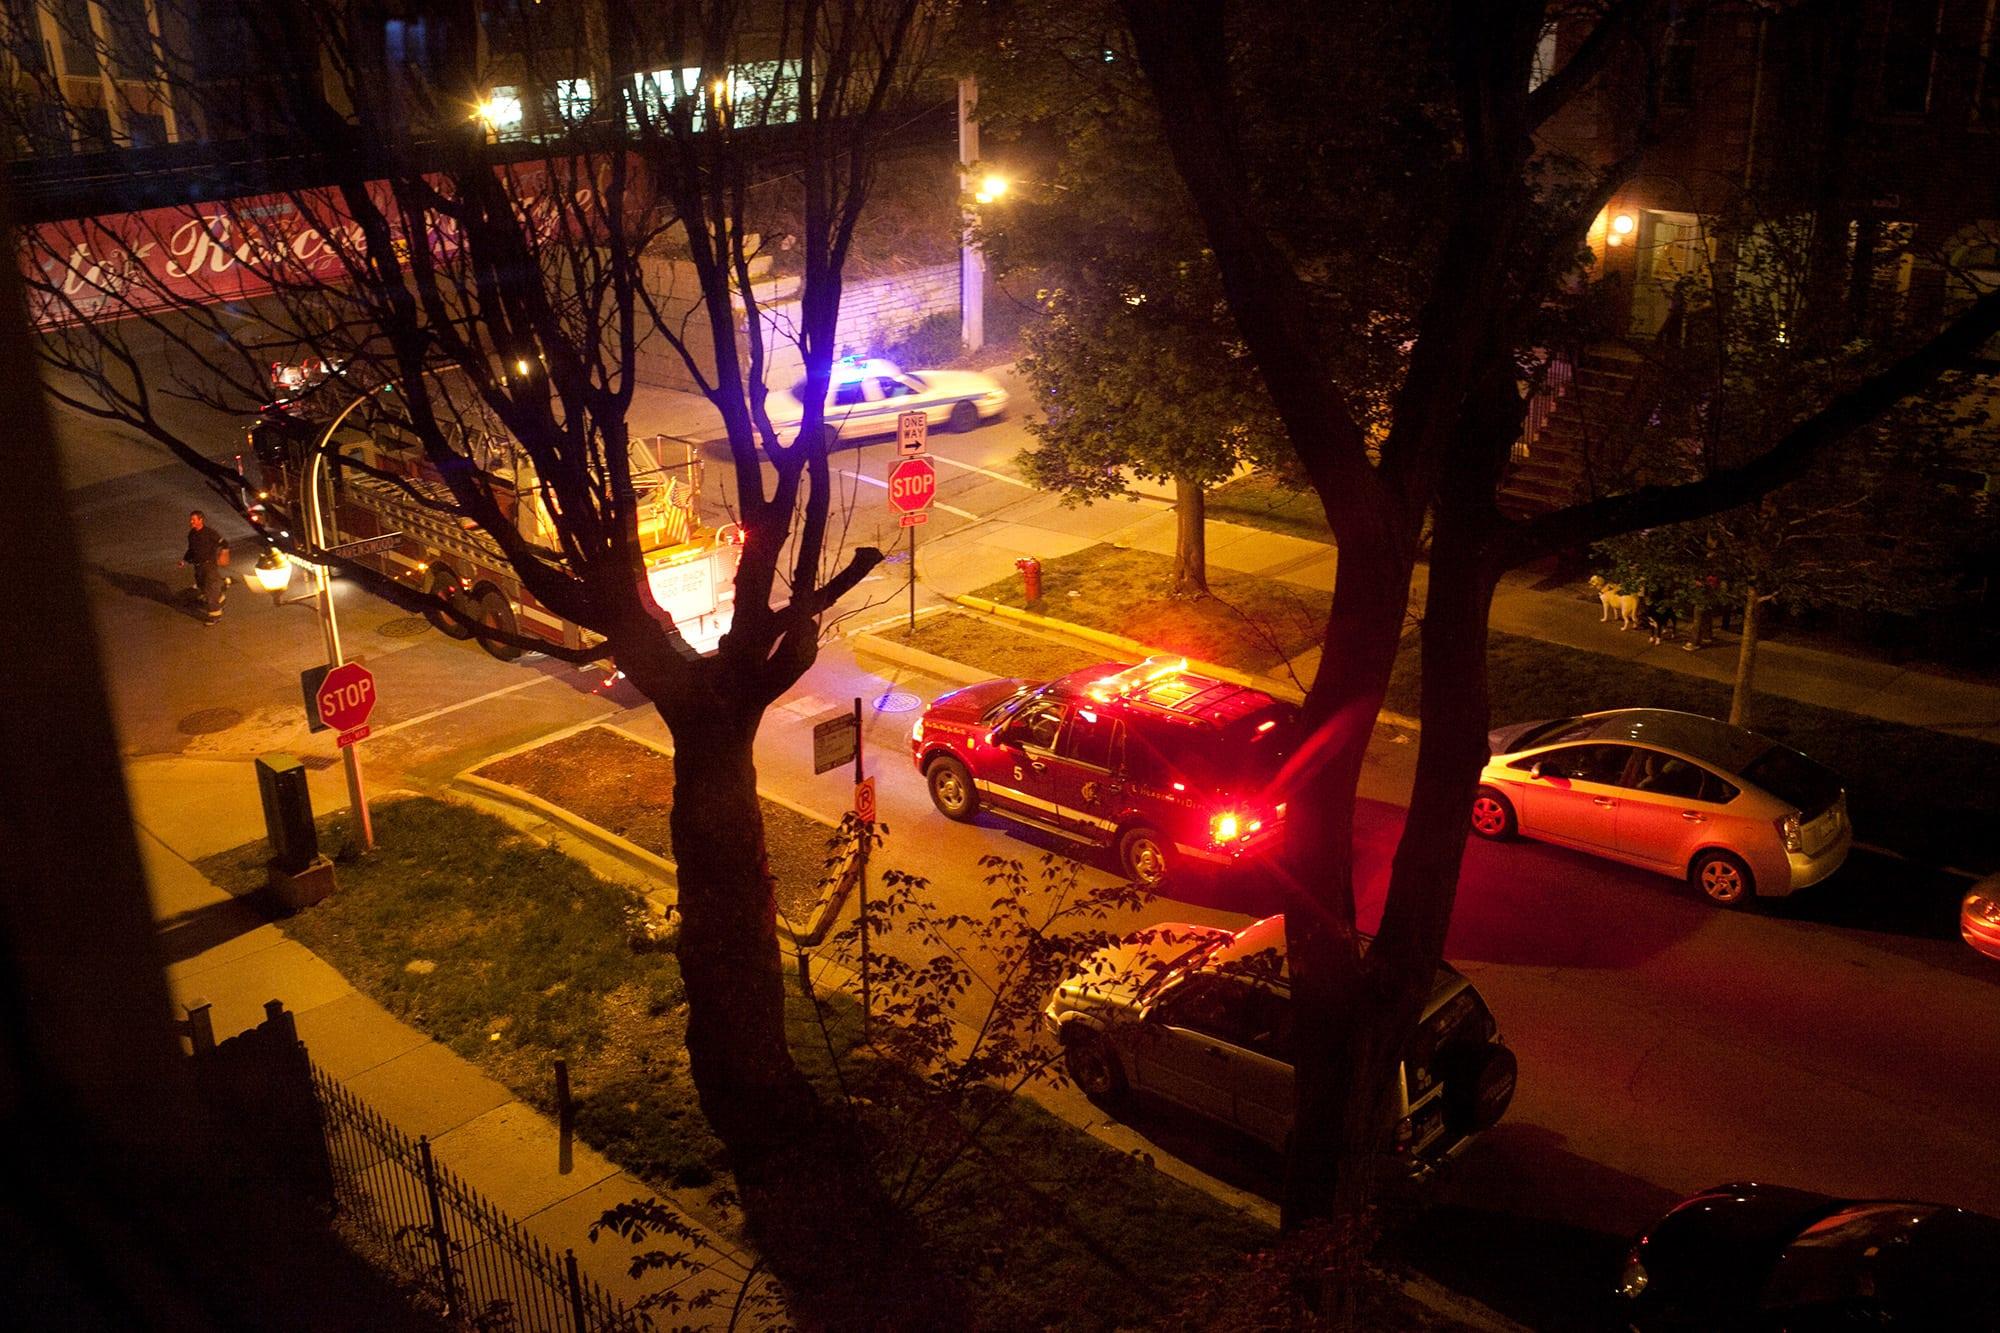 Fire trucks.